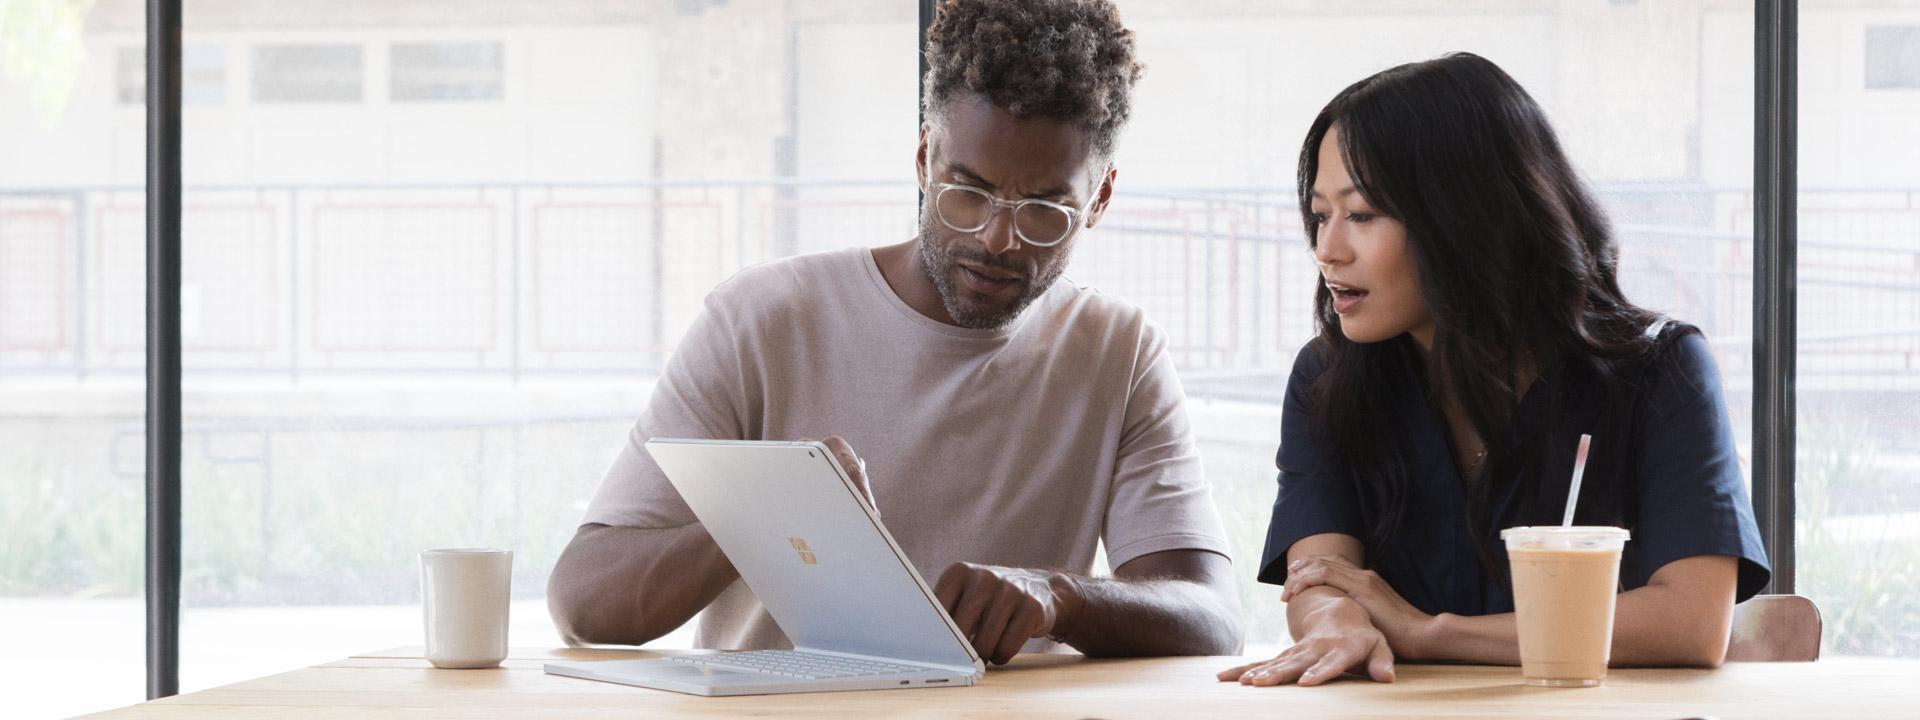 Mann und Frau schauen in einem Café auf Surface Book 2 mit nach hinten gefalteter Tastatur.